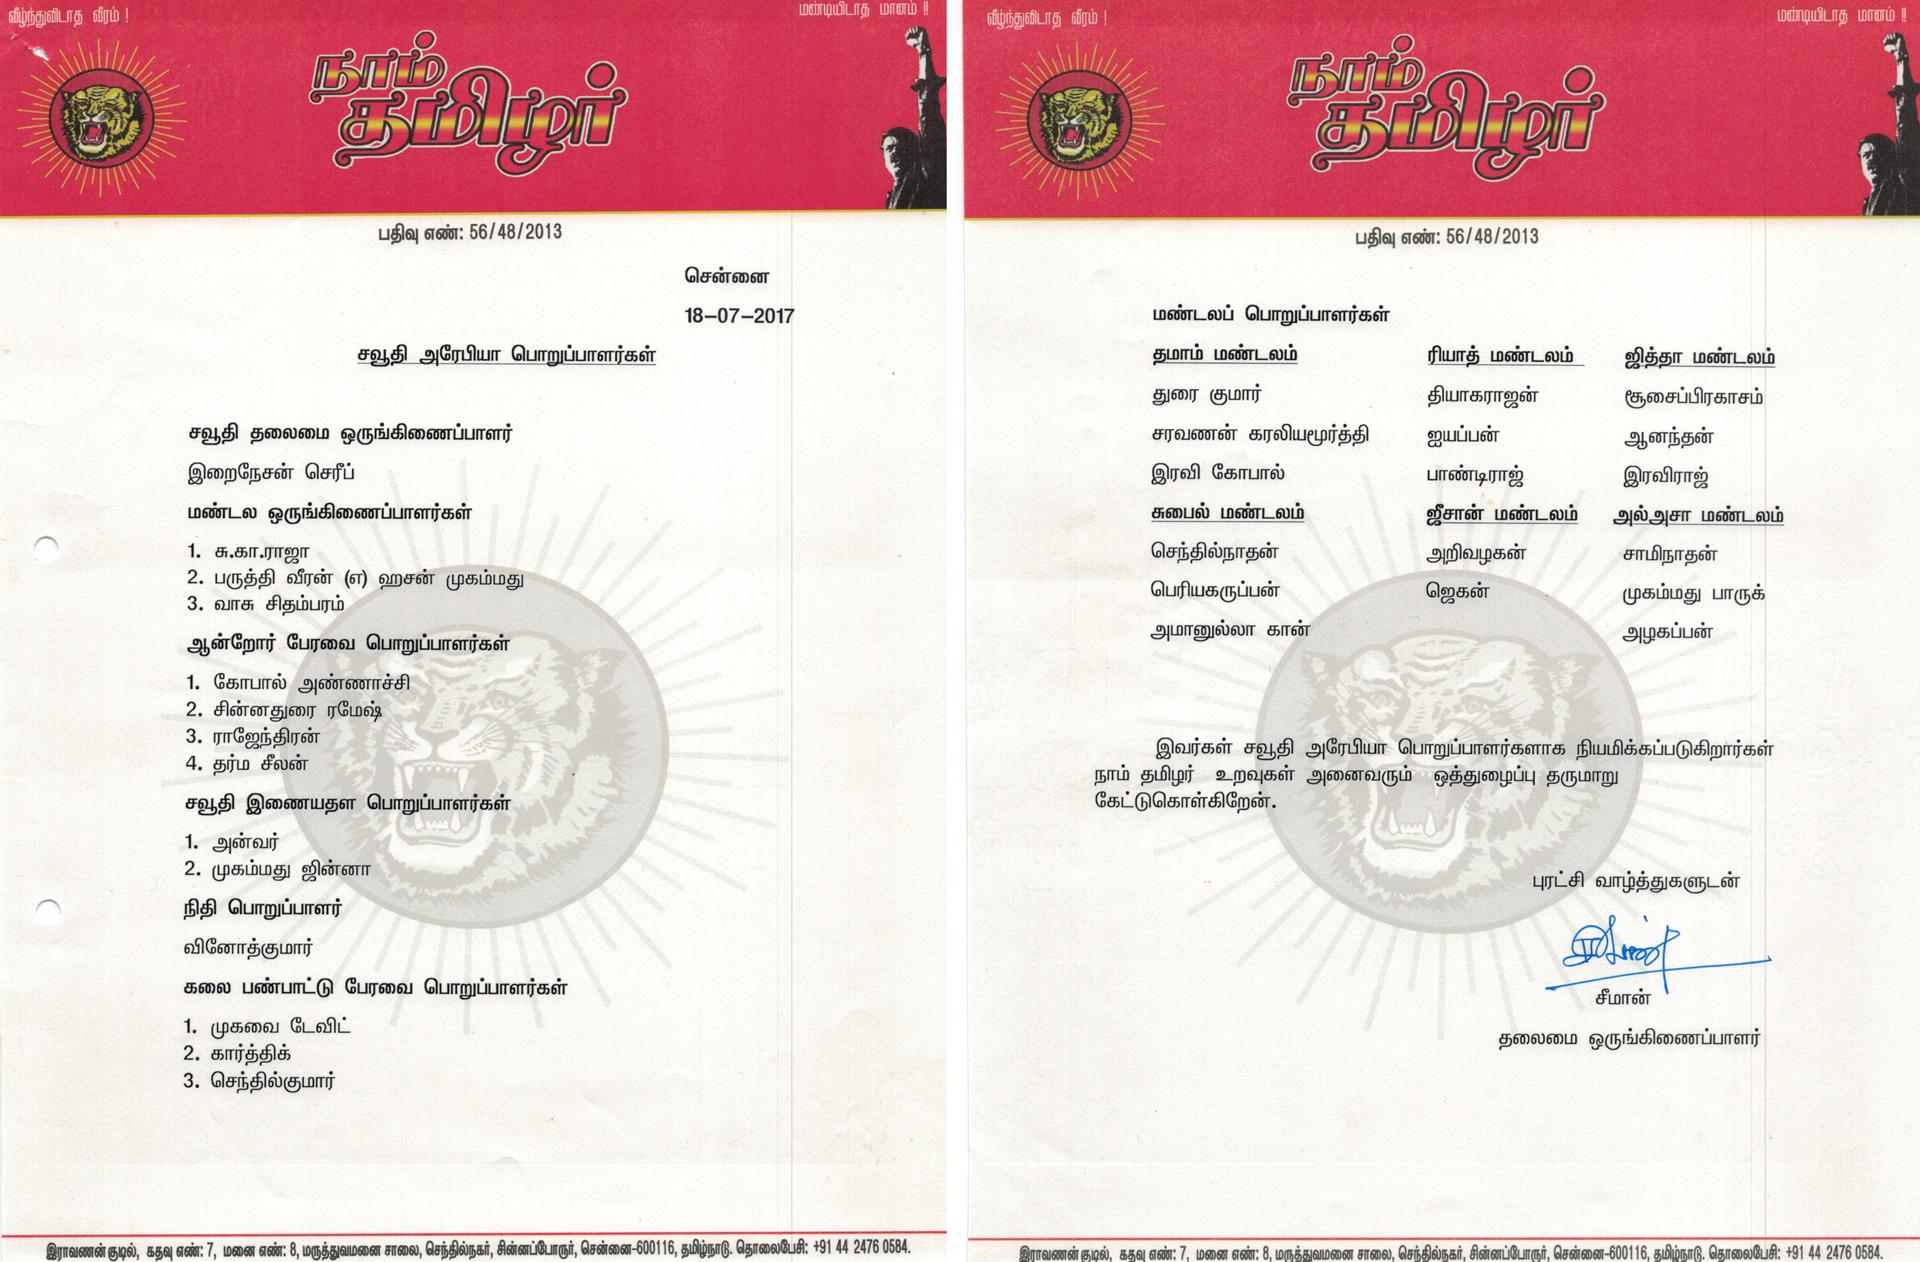 சவூதி அரேபியா பொறுப்பாளர்கள் நியமனம் – தலைமை அறிவிப்பு (18-07-2017) Naam Tamilar Katchi Saudi Arabia Members Announcement Letter